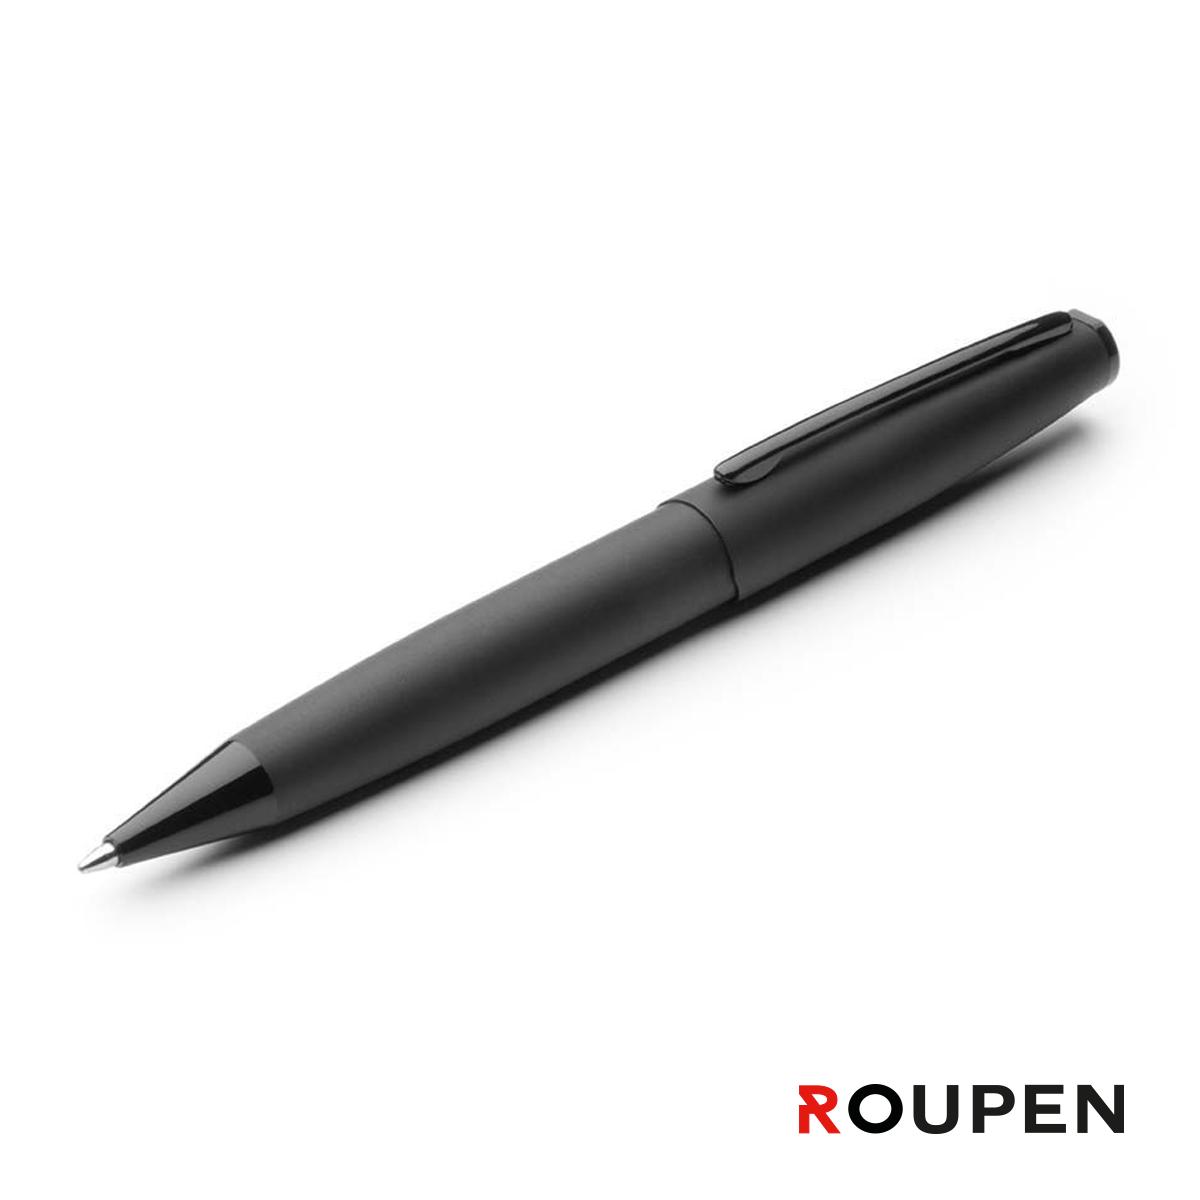 Roller Pen Aphelion Metal Roupen